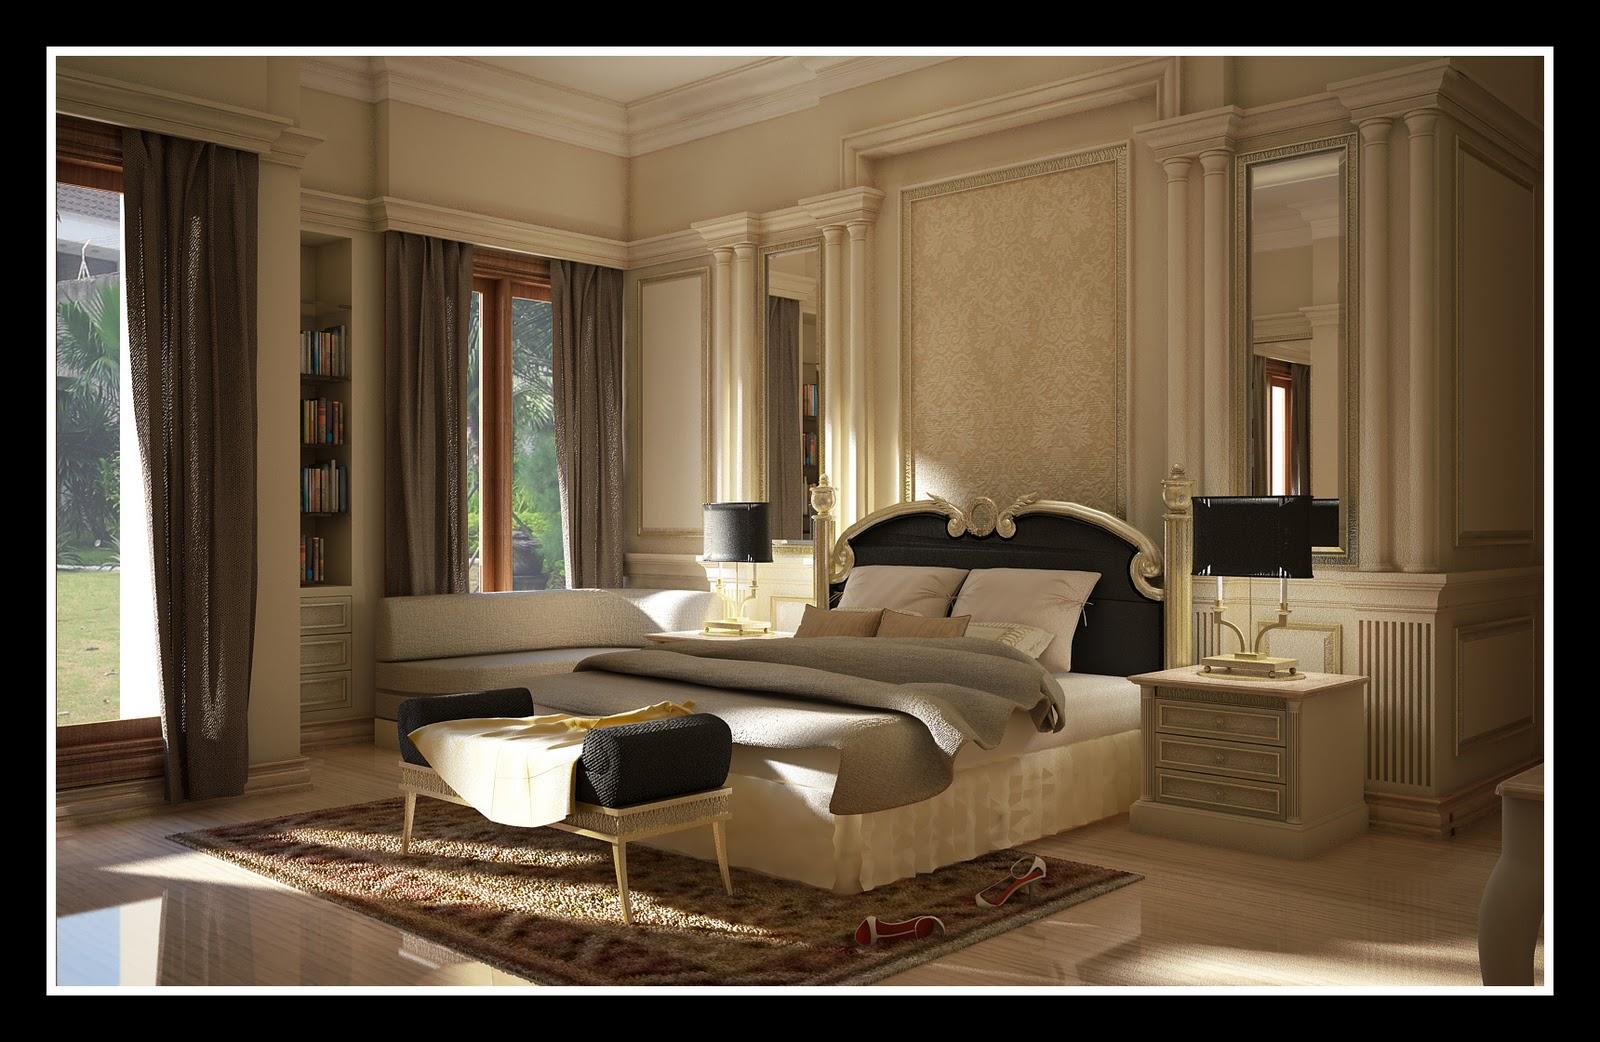 Ricci Casa Letti A Castello.Ricci Casa Camere Da Letto Latest Disegno Idea Camere Da Letto